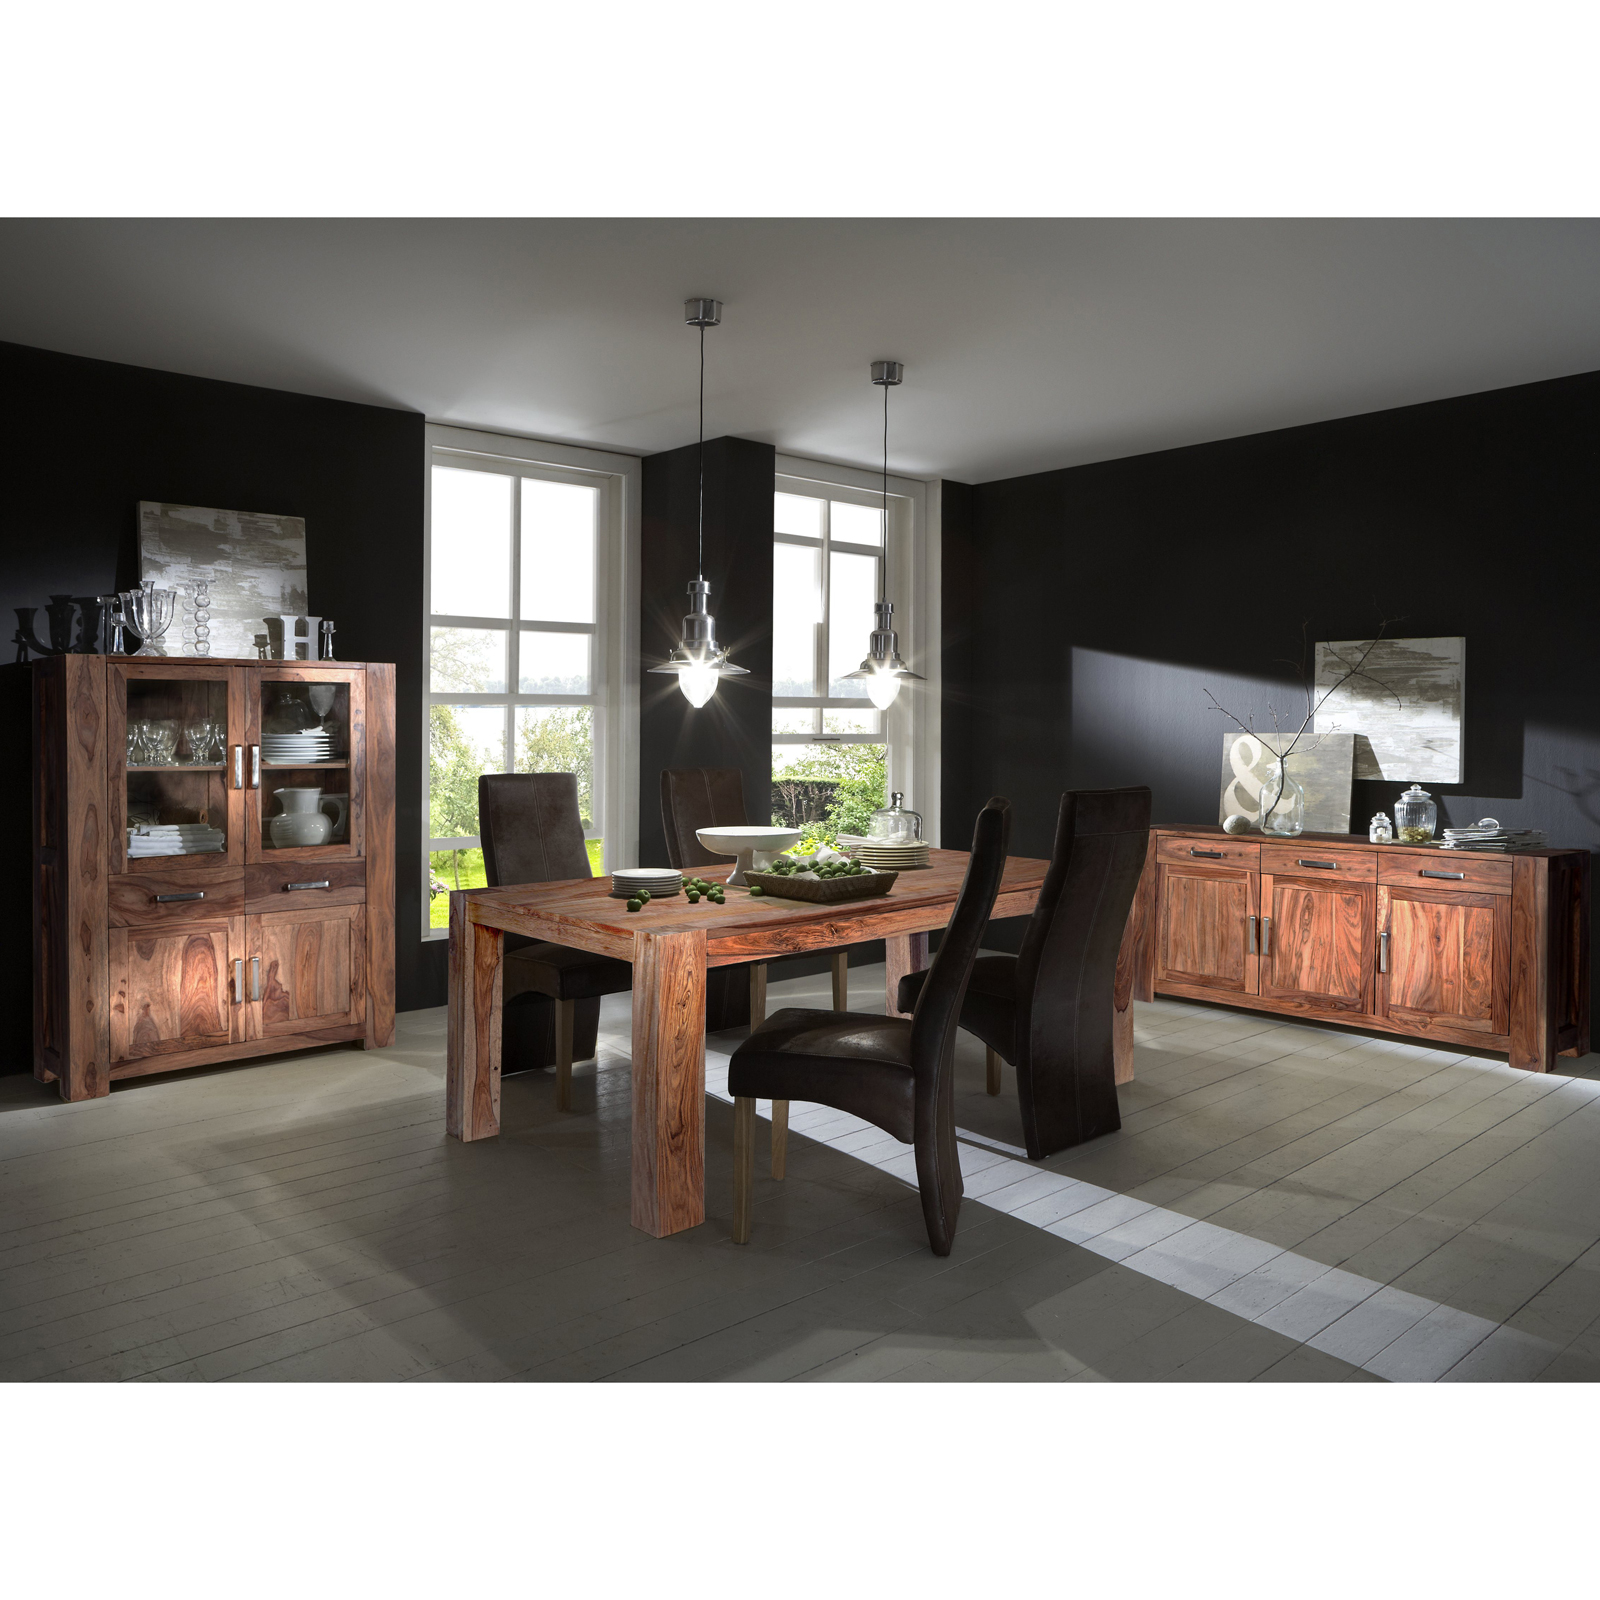 Esszimmer set thor mit highboard sideboard und esstisch for Esszimmer set angebote